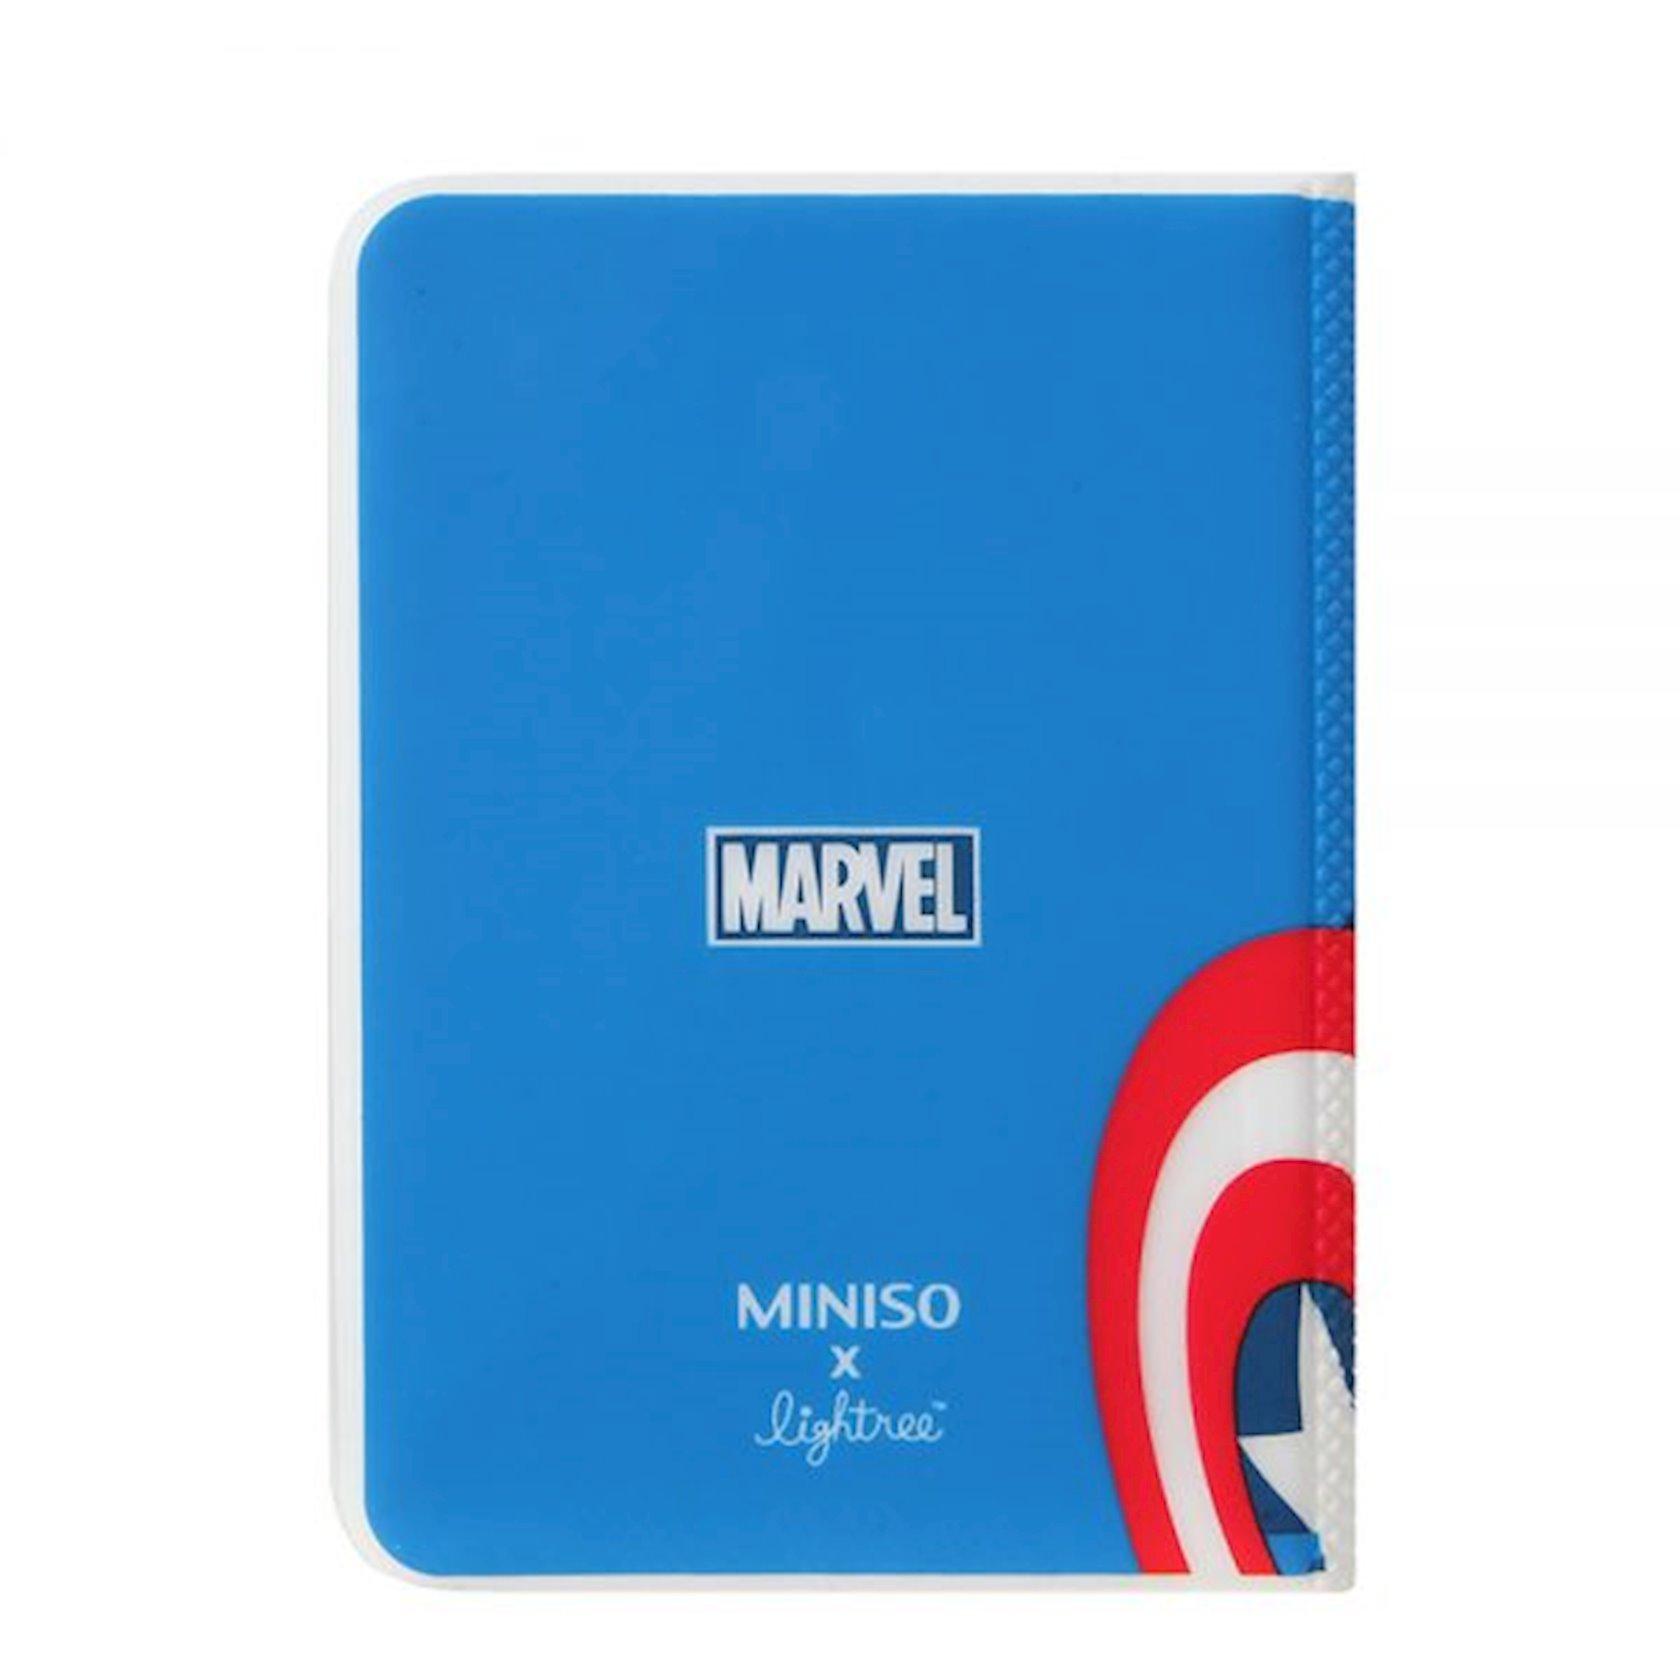 Pasport üçün üzlük Miniso Marvel Passport Cover, Captain America, Kapitan Amerika, göy